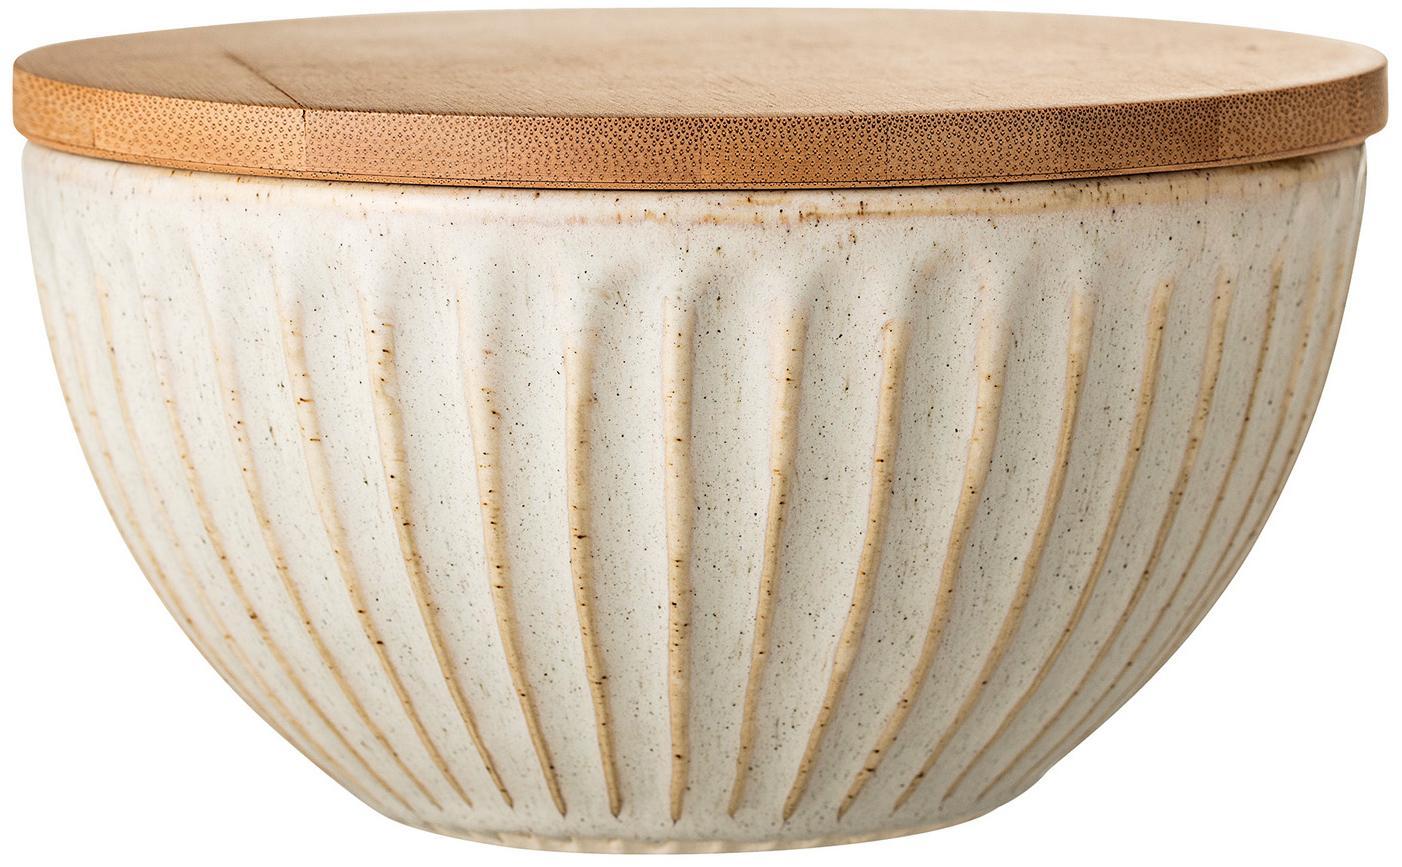 Ciotola con coperchio Lina, Ciotola: gres, Coperchio: legno di bambù, silicone, Beige chiaro, legno di bambù, Ø 17 x Alt. 10 cm